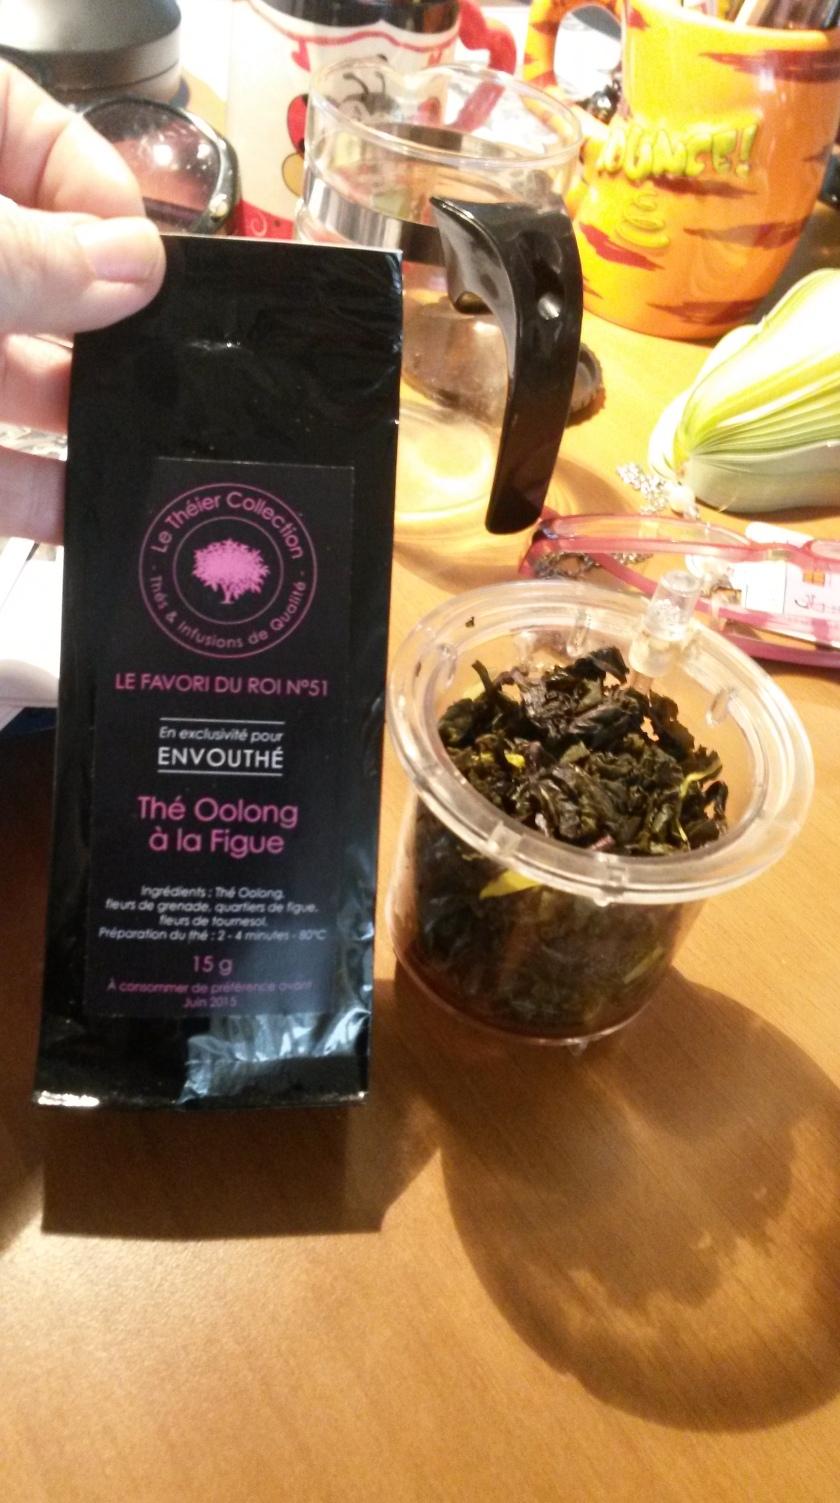 pour les amateurs de thé vert non amer... un vrai délice ! Le favori du roi n°51 - thé oolong à la figue